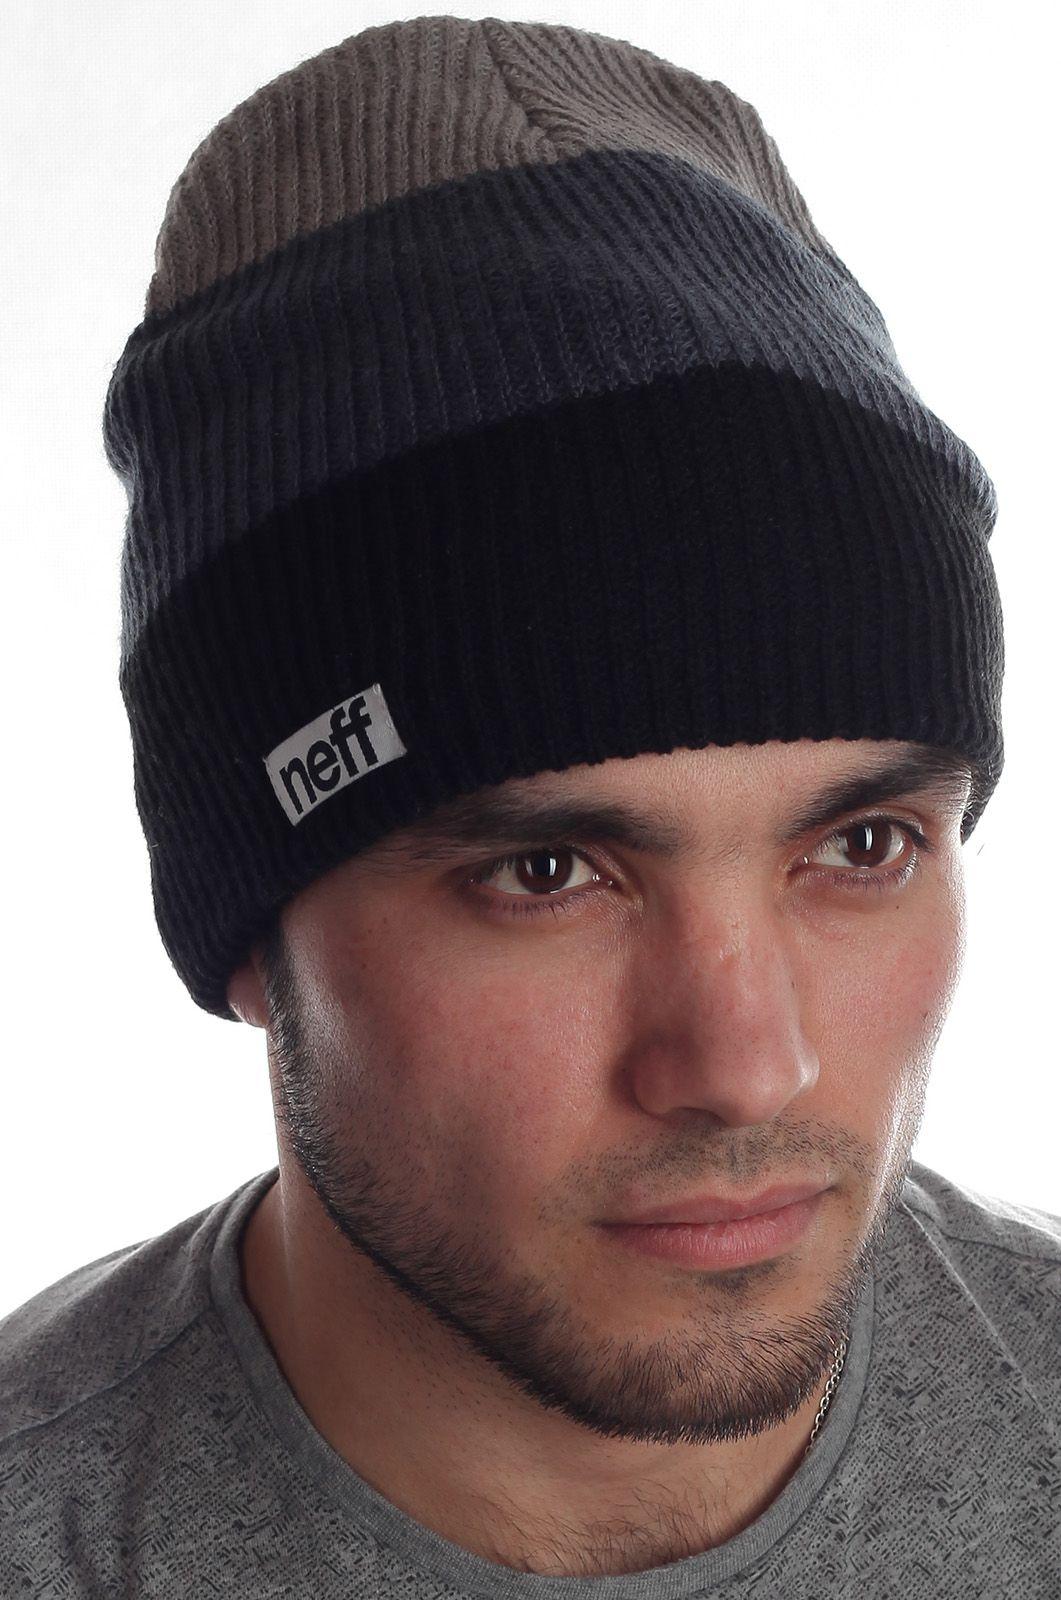 Топовая универсальная шапка бини молодежной модели бренда Neff